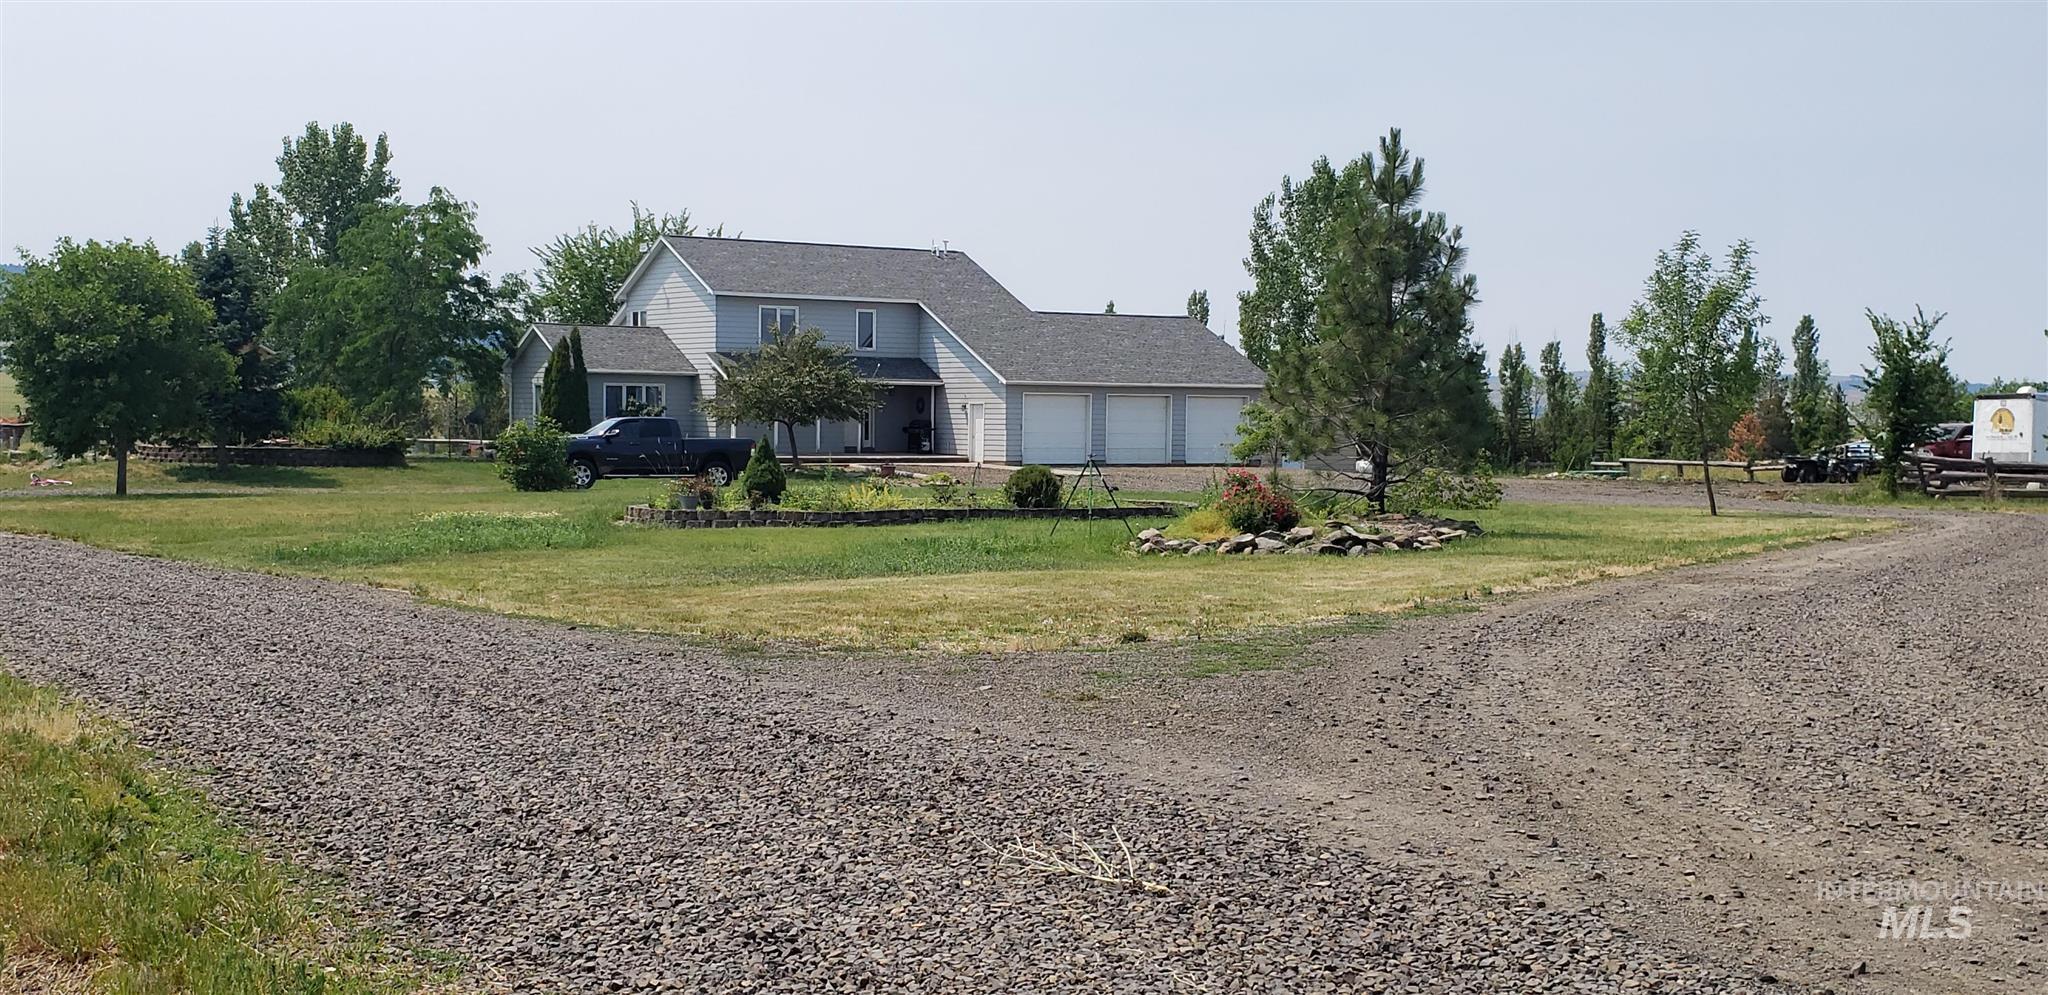 169 Cash Lane Property Photo 24